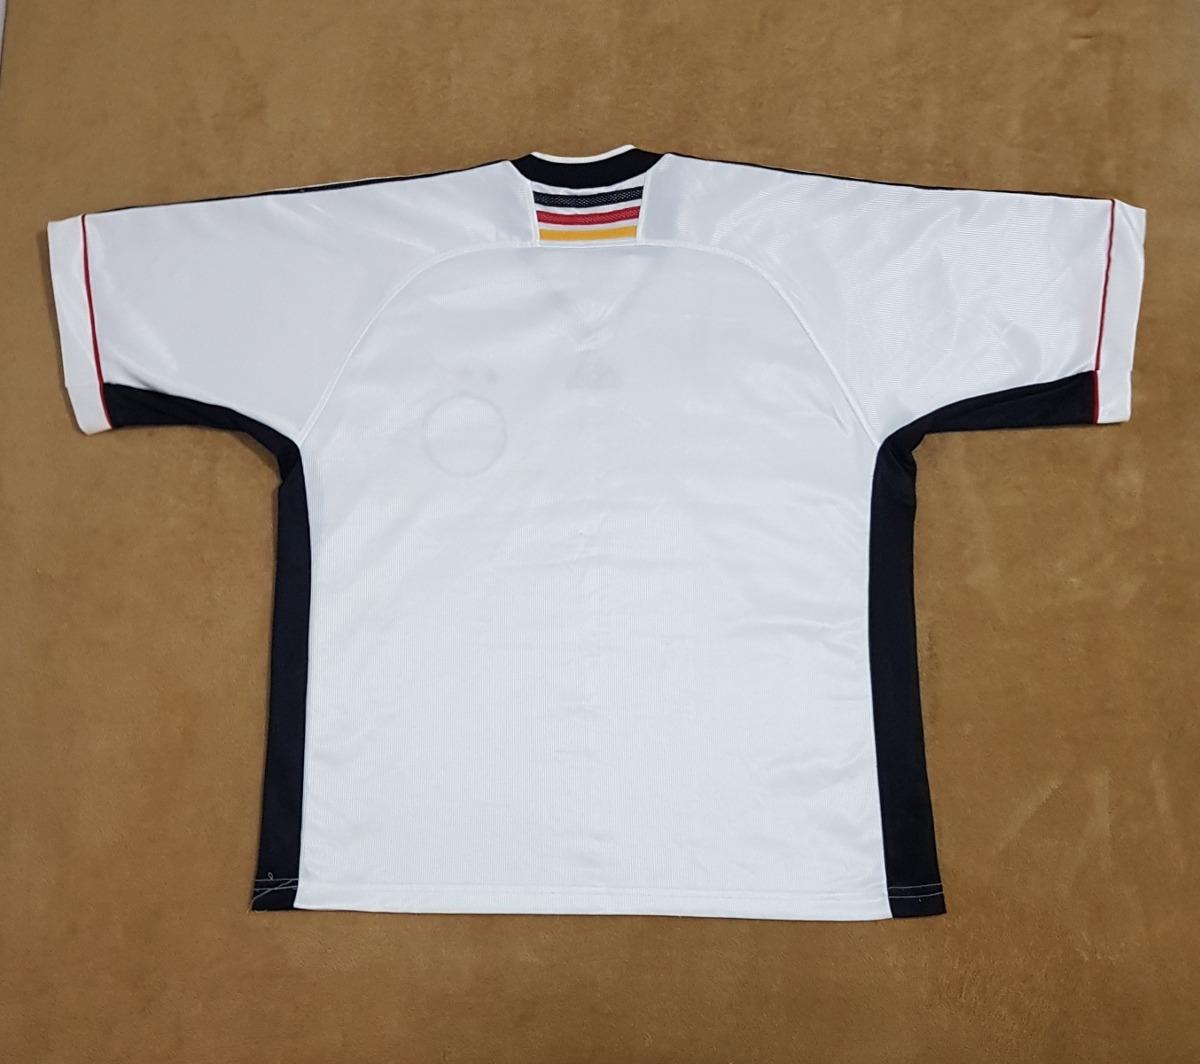 b7e2950511 gcr01 camisa oficial alemanha copa 1998 gg 73x59. Carregando zoom.